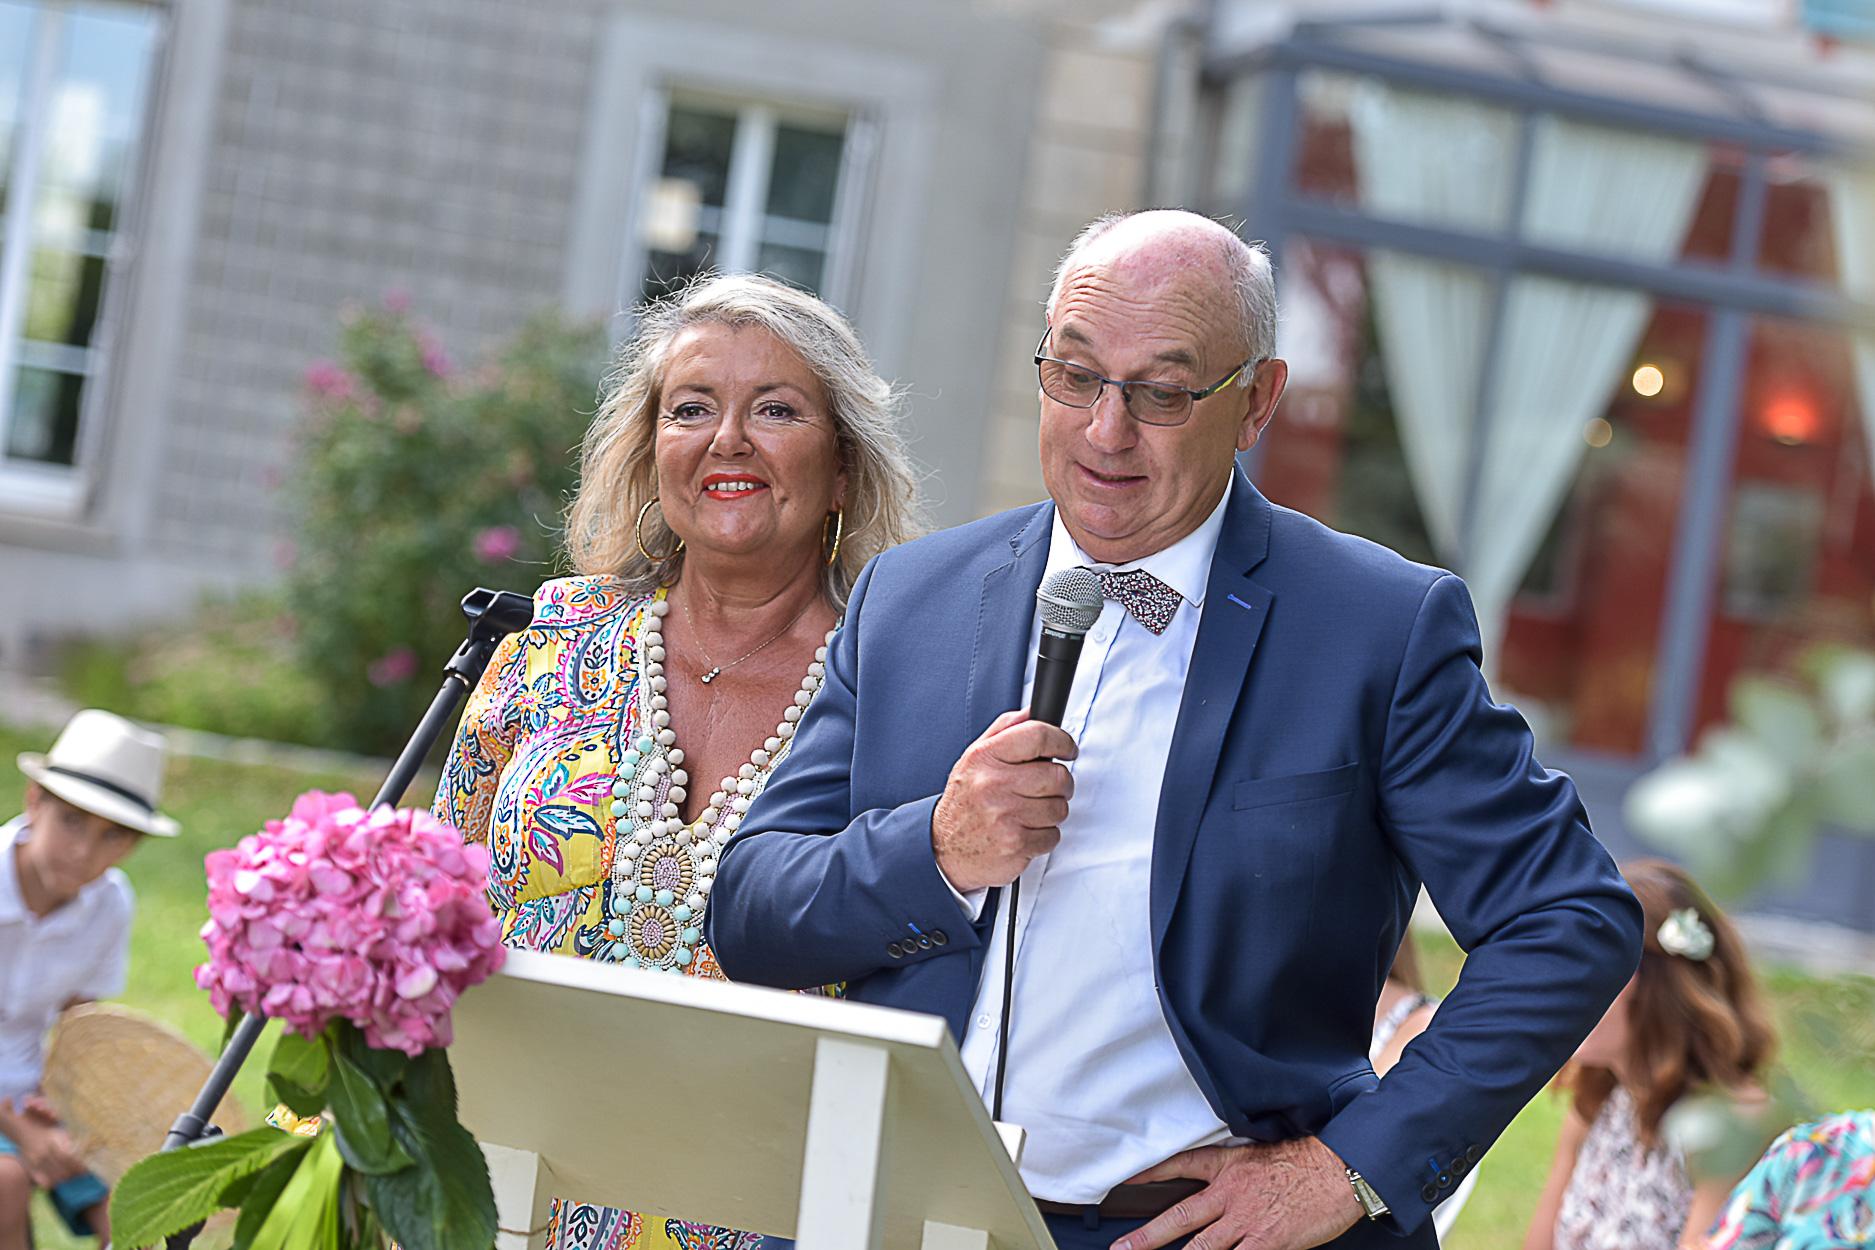 photographe-mariage-ile-de-france-discours-parents